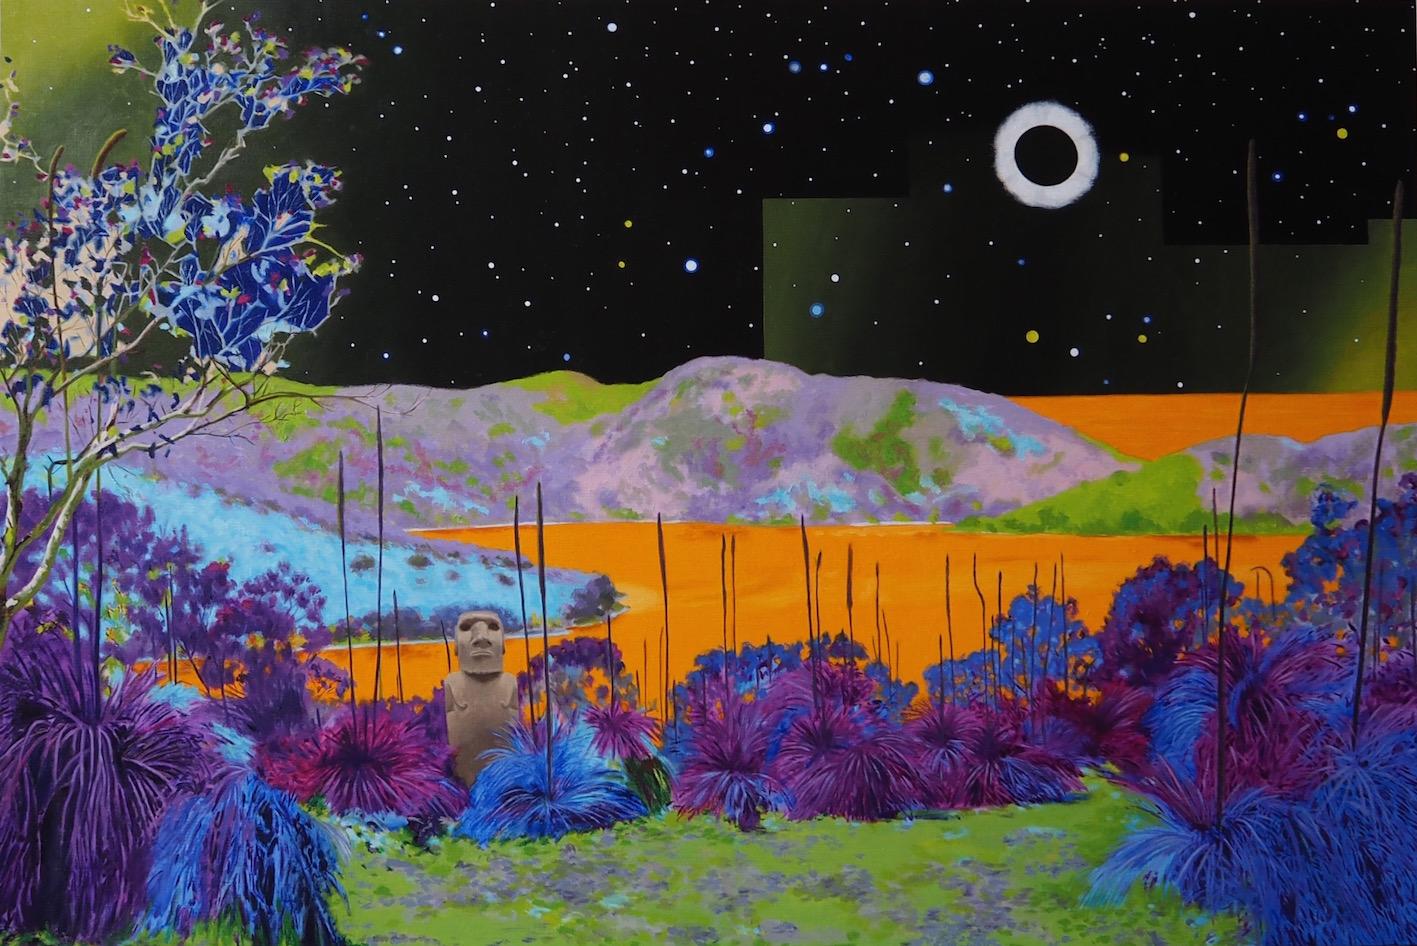 Richard Knafelc  Eclipse  2016 oil on linen 122 x 183 cm       RMIT MFA Graduate Exhibition   Opens 6pm Thursday 7 December 2017 and runs until Saturday 16 December.  RMIT Melbourne City Campus, Building 2, Level 3. La Trobe St Melbourne.  Hours: 10am - 4pm Monday to Friday.  12pm - 4pm Saturdays.